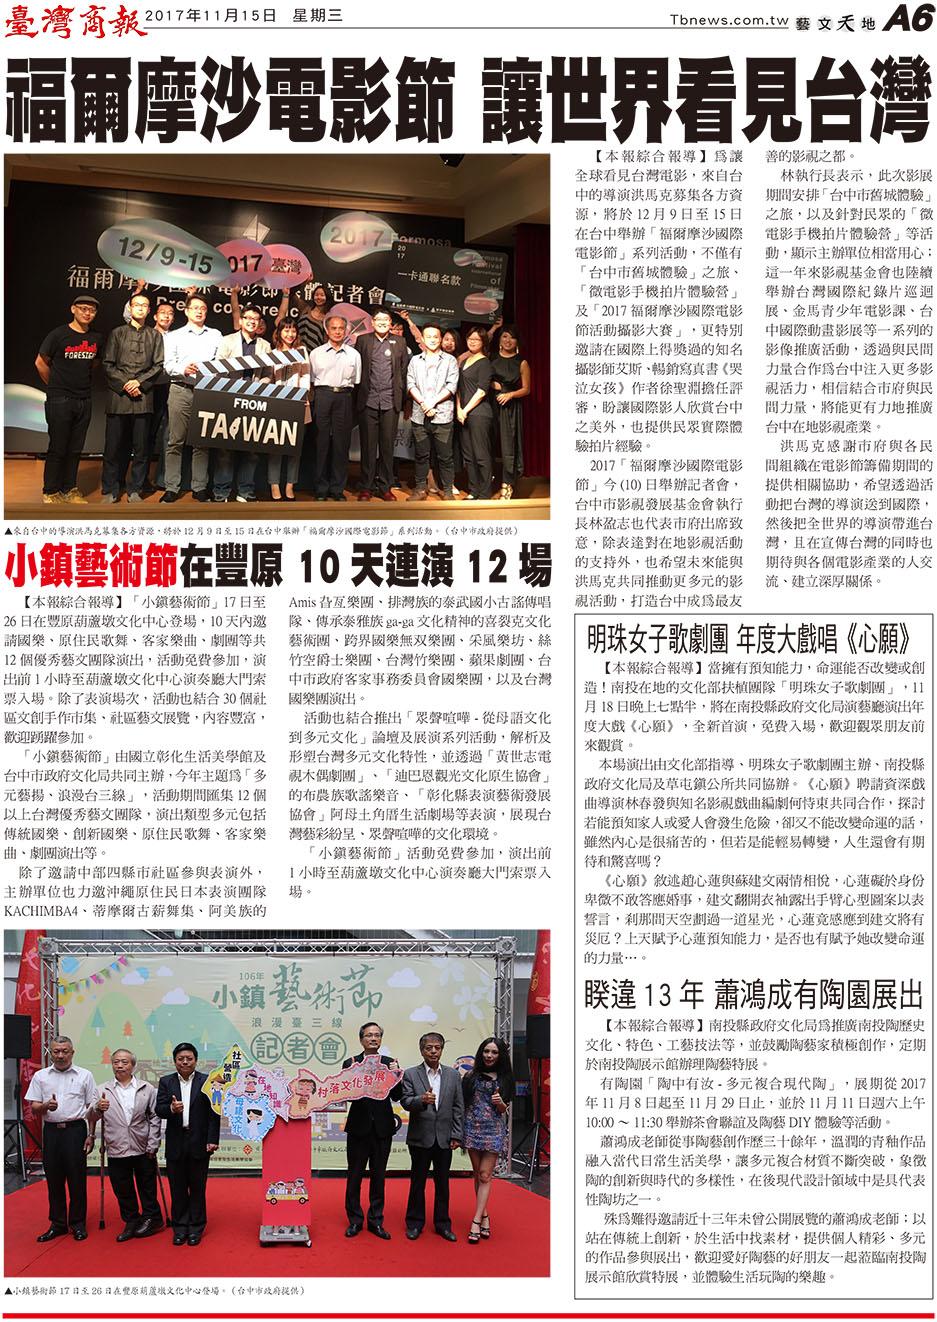 福爾摩沙電影節 讓世界看見台灣